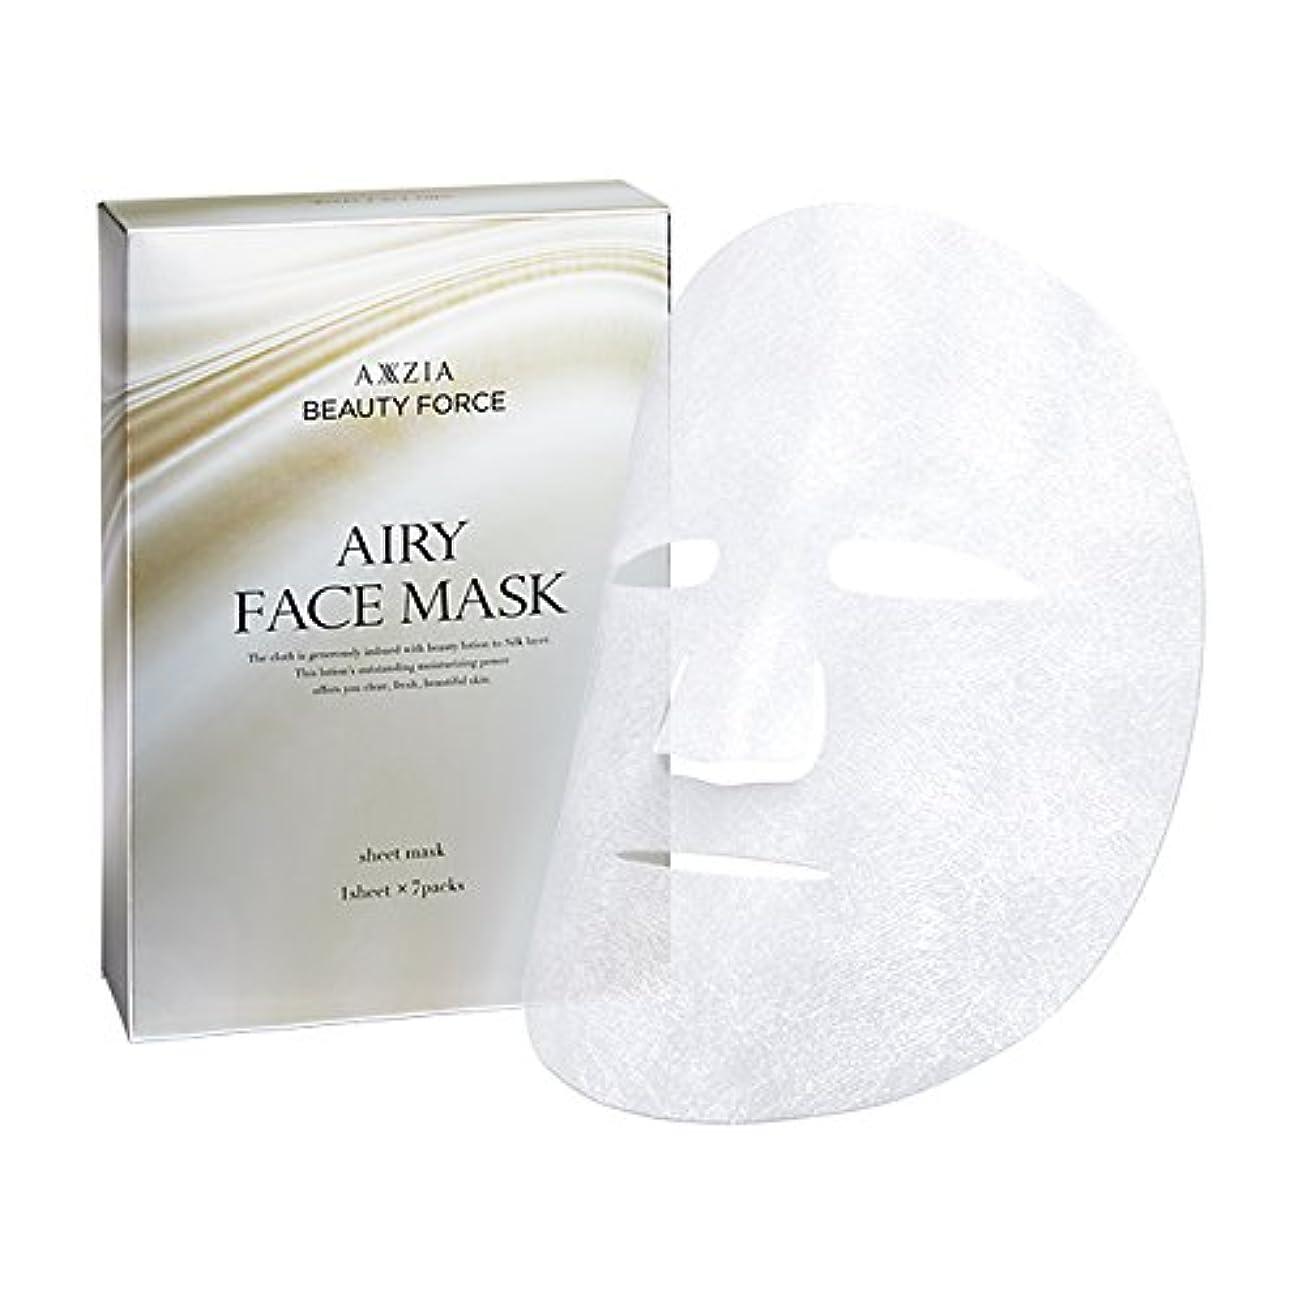 過ち宿題残りアクシージア (AXXZIA) ビューティフォース エアリーフェイスマスク 7枚入り | シートマスク パック マスク フェイスパック 高級 特別